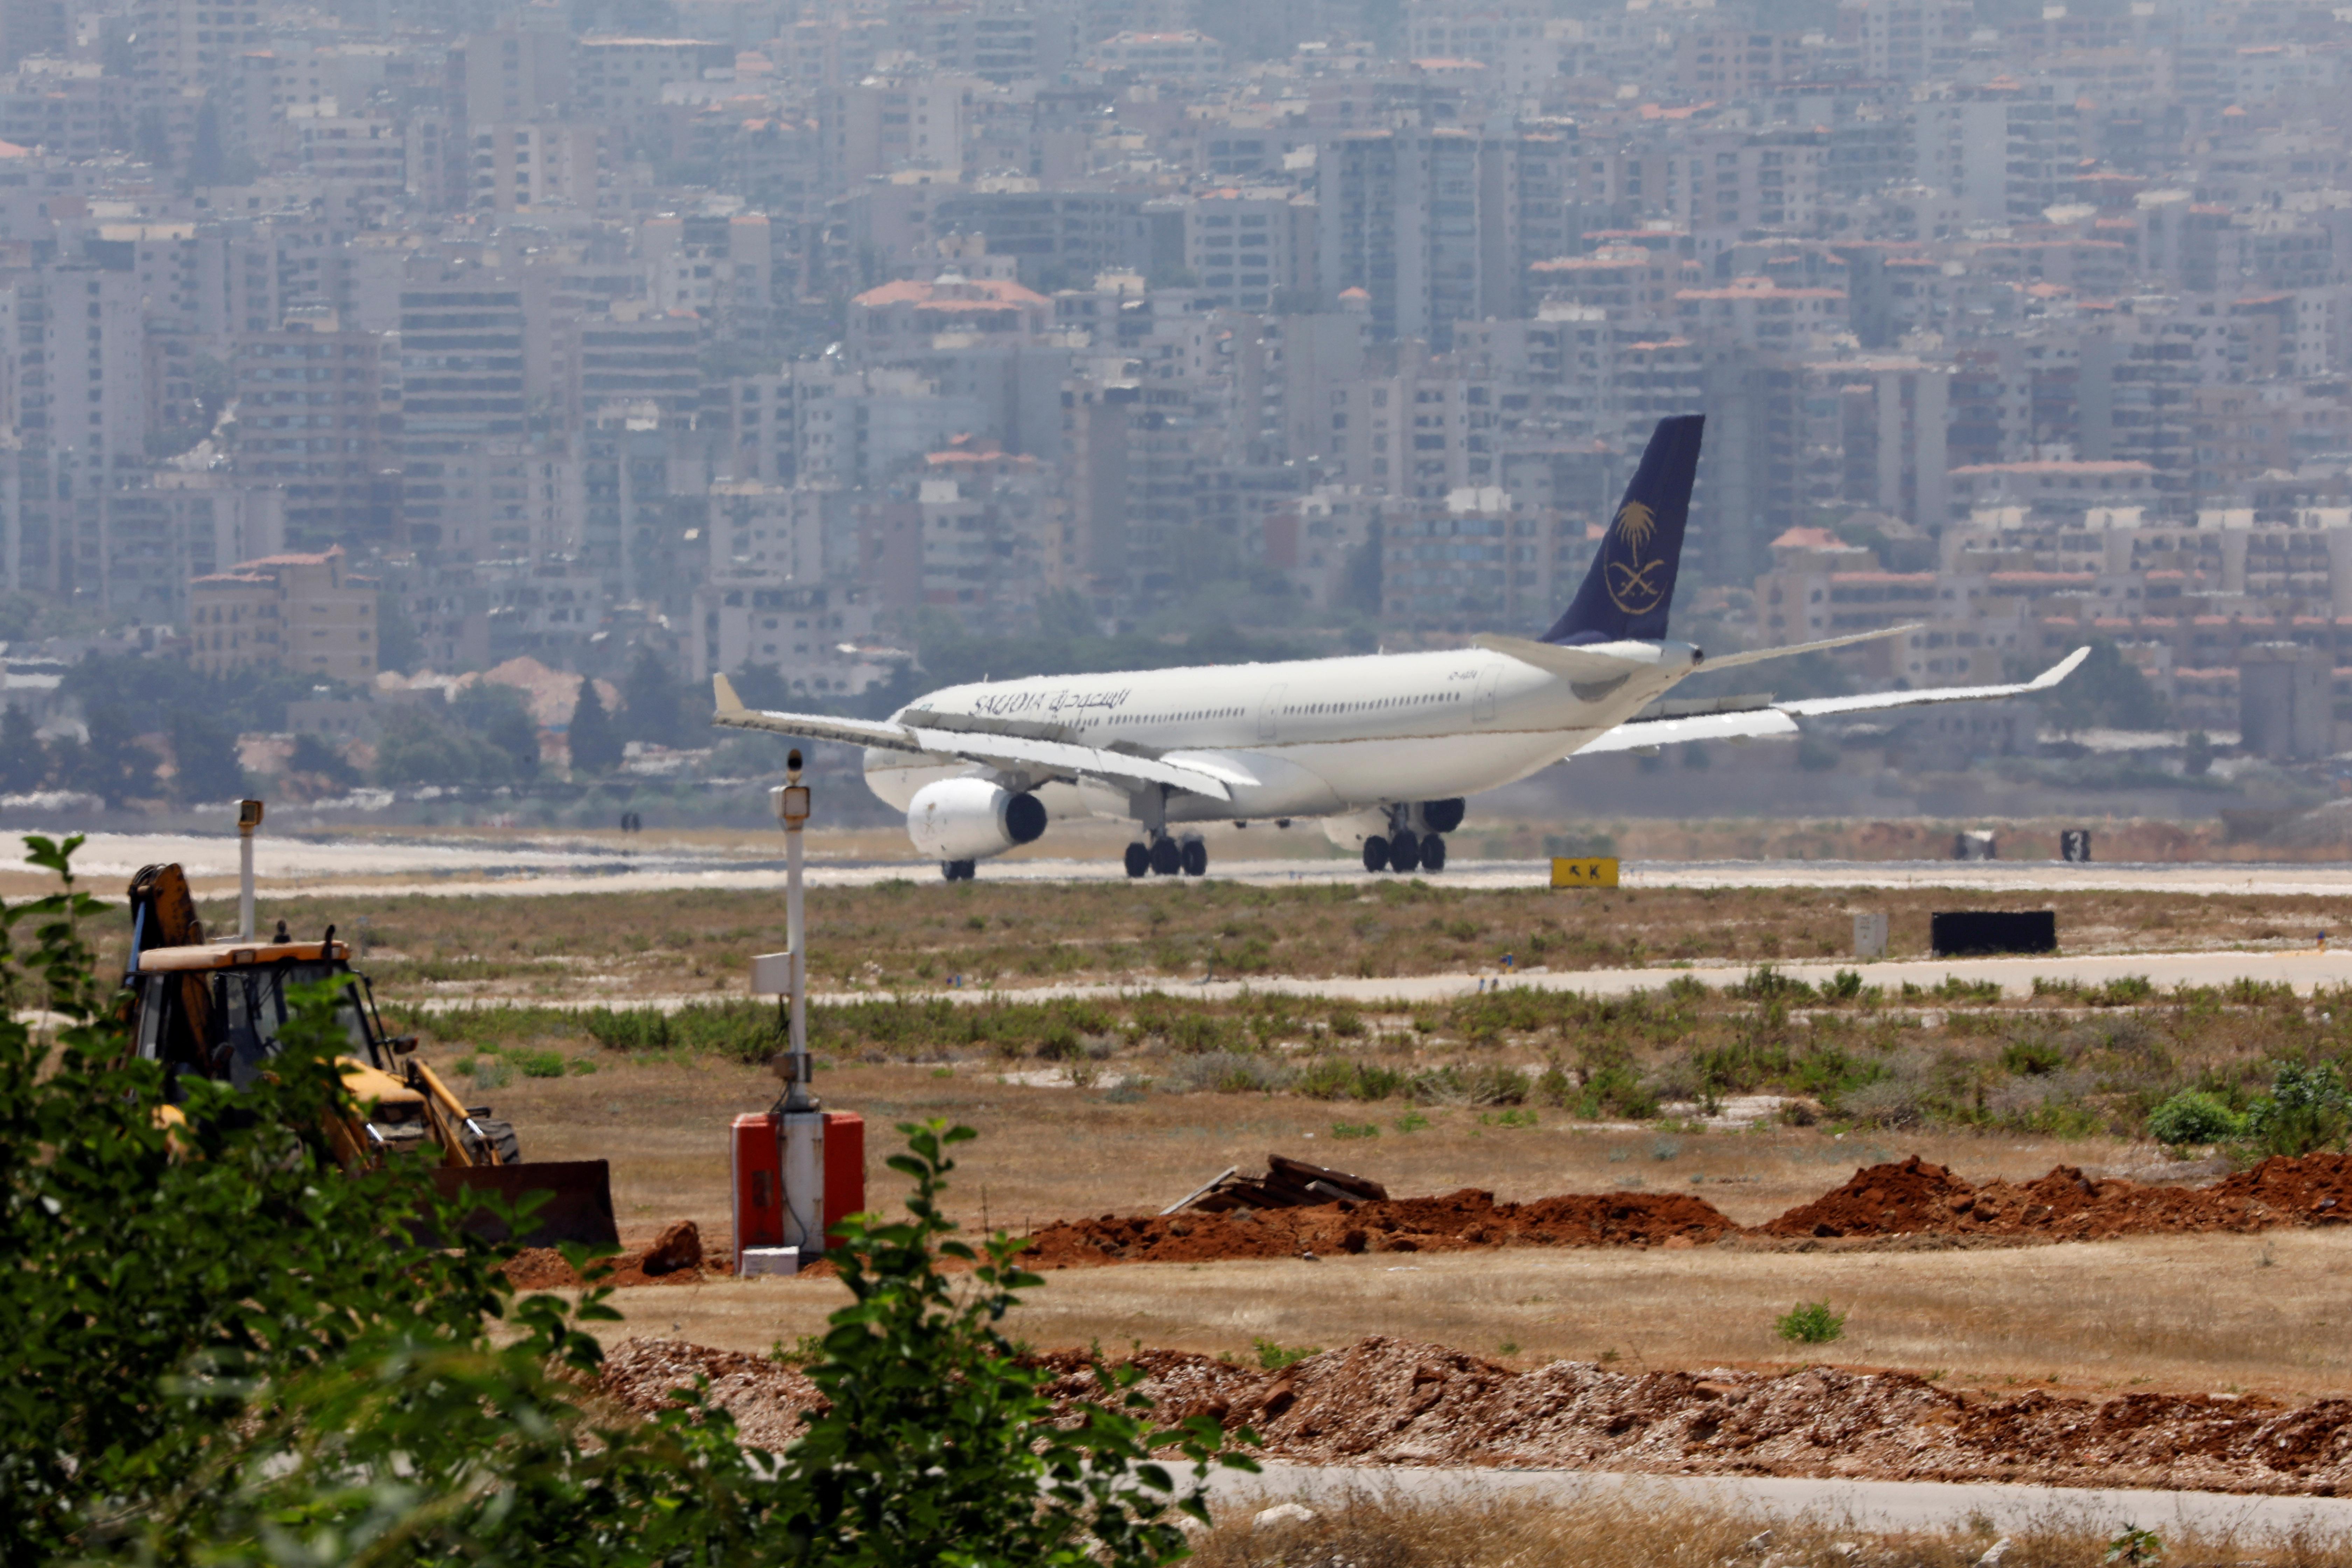 A Saudia, also known as Saudi Arabian Airlines, plane lands at Rafik al-Hariri airport in Beirut, Lebanon June 29, 2017. REUTERS/Jamal Saidi